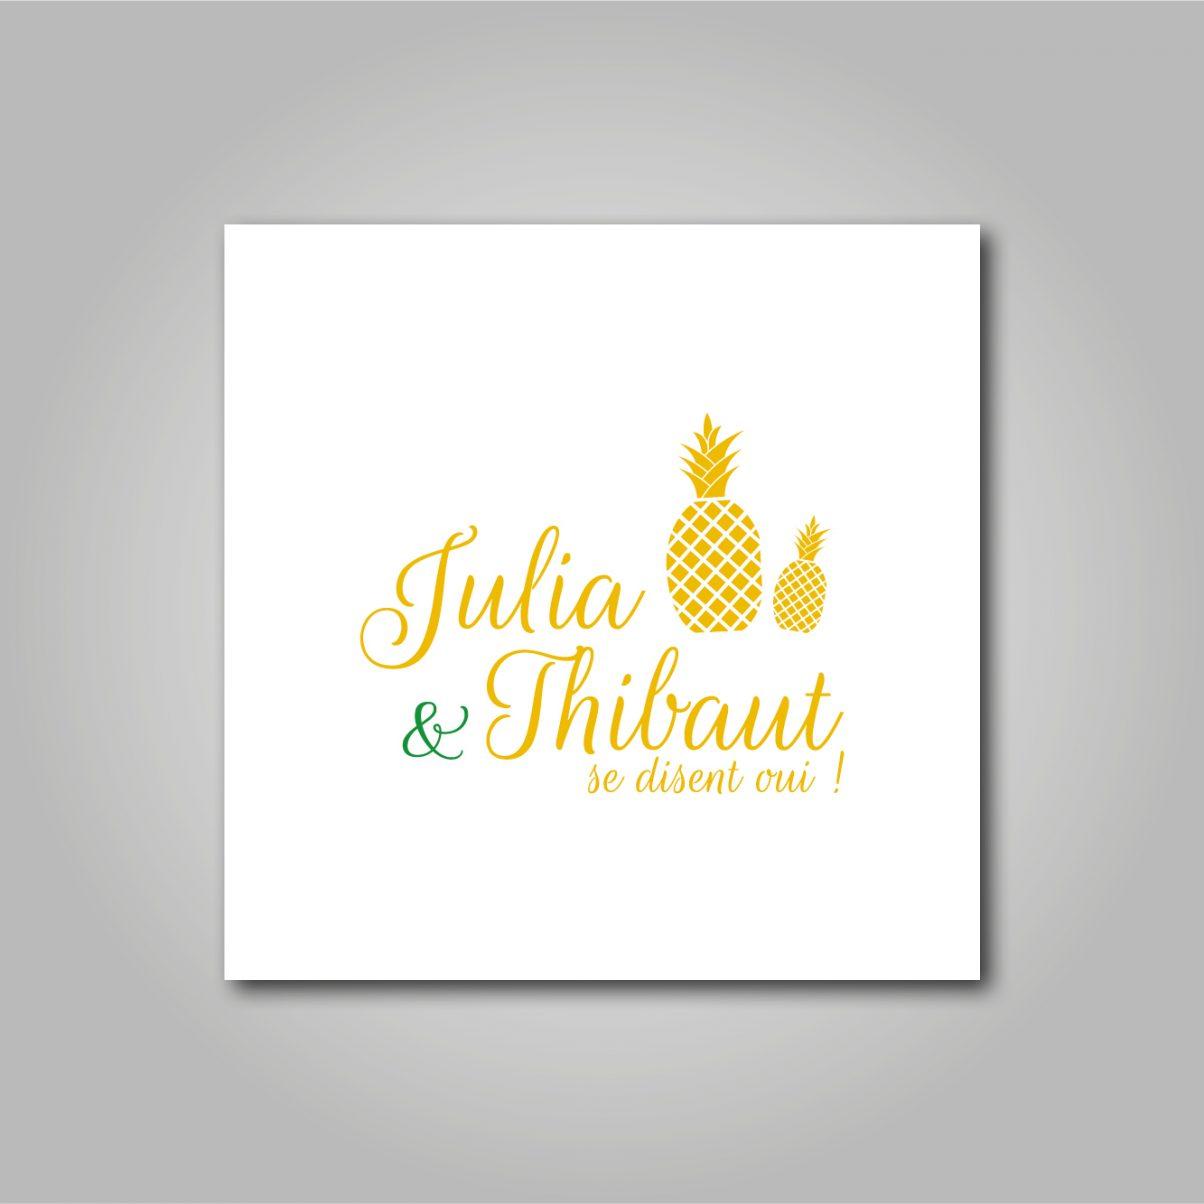 Le logo de mariage de Julia & Thibaut